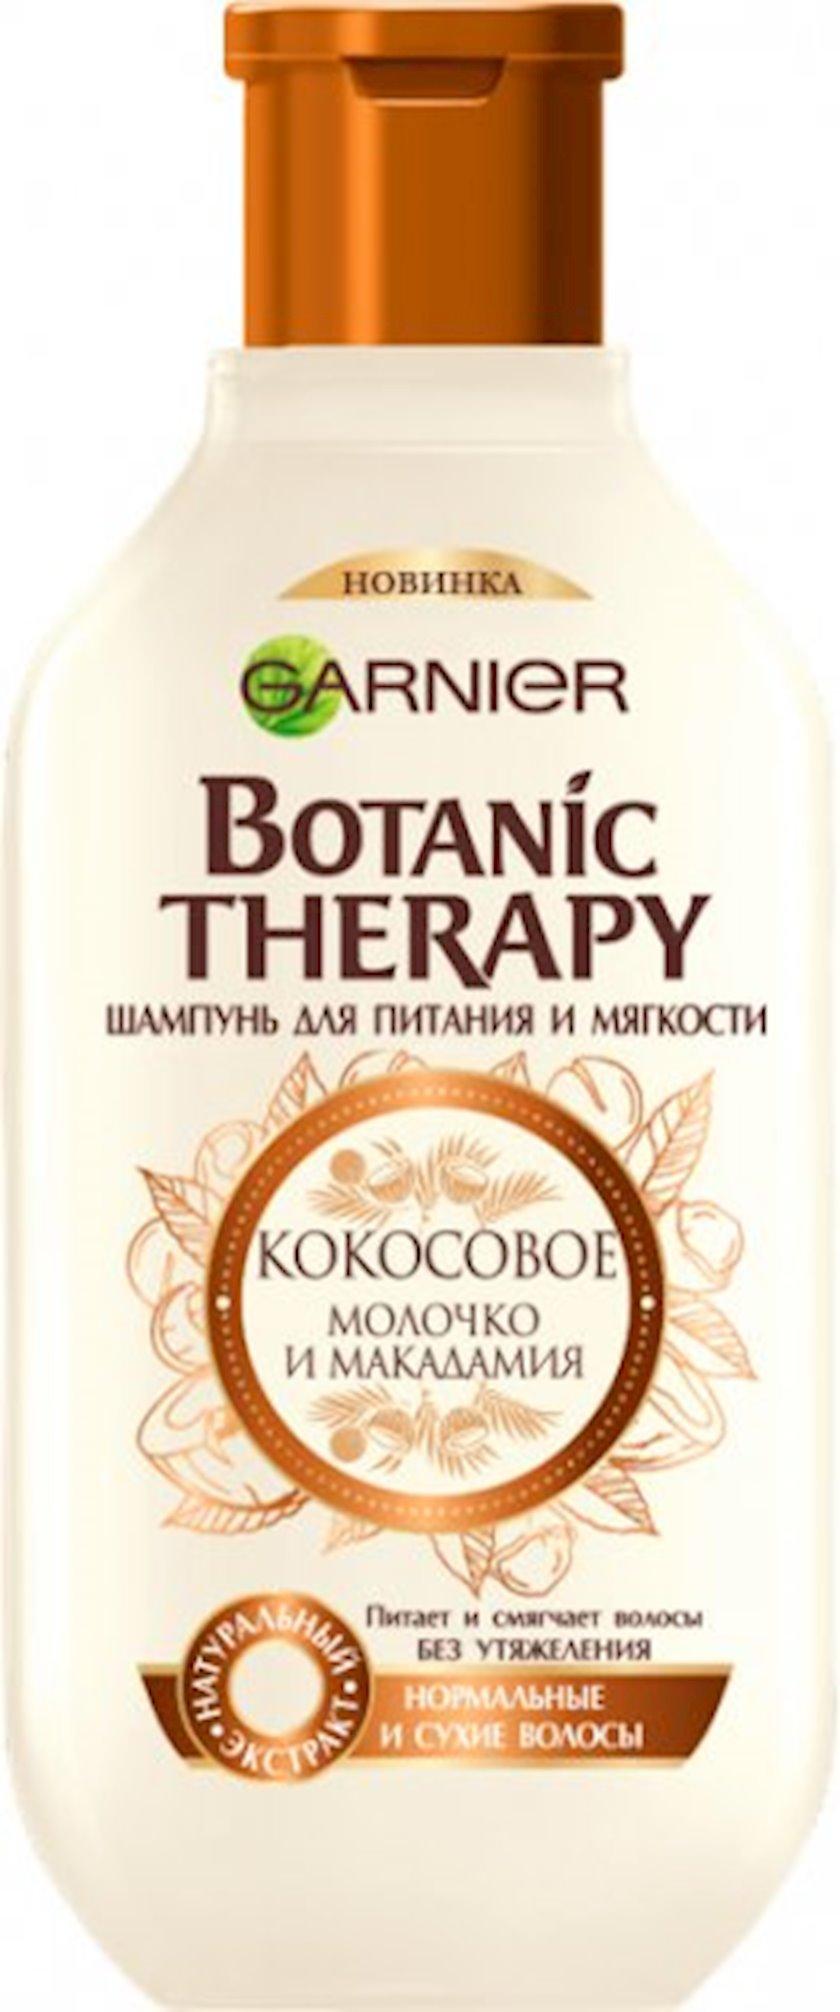 Şampun Garnier Botanic Therapy Kokos südü və Makadamiya yağı, 250 ml